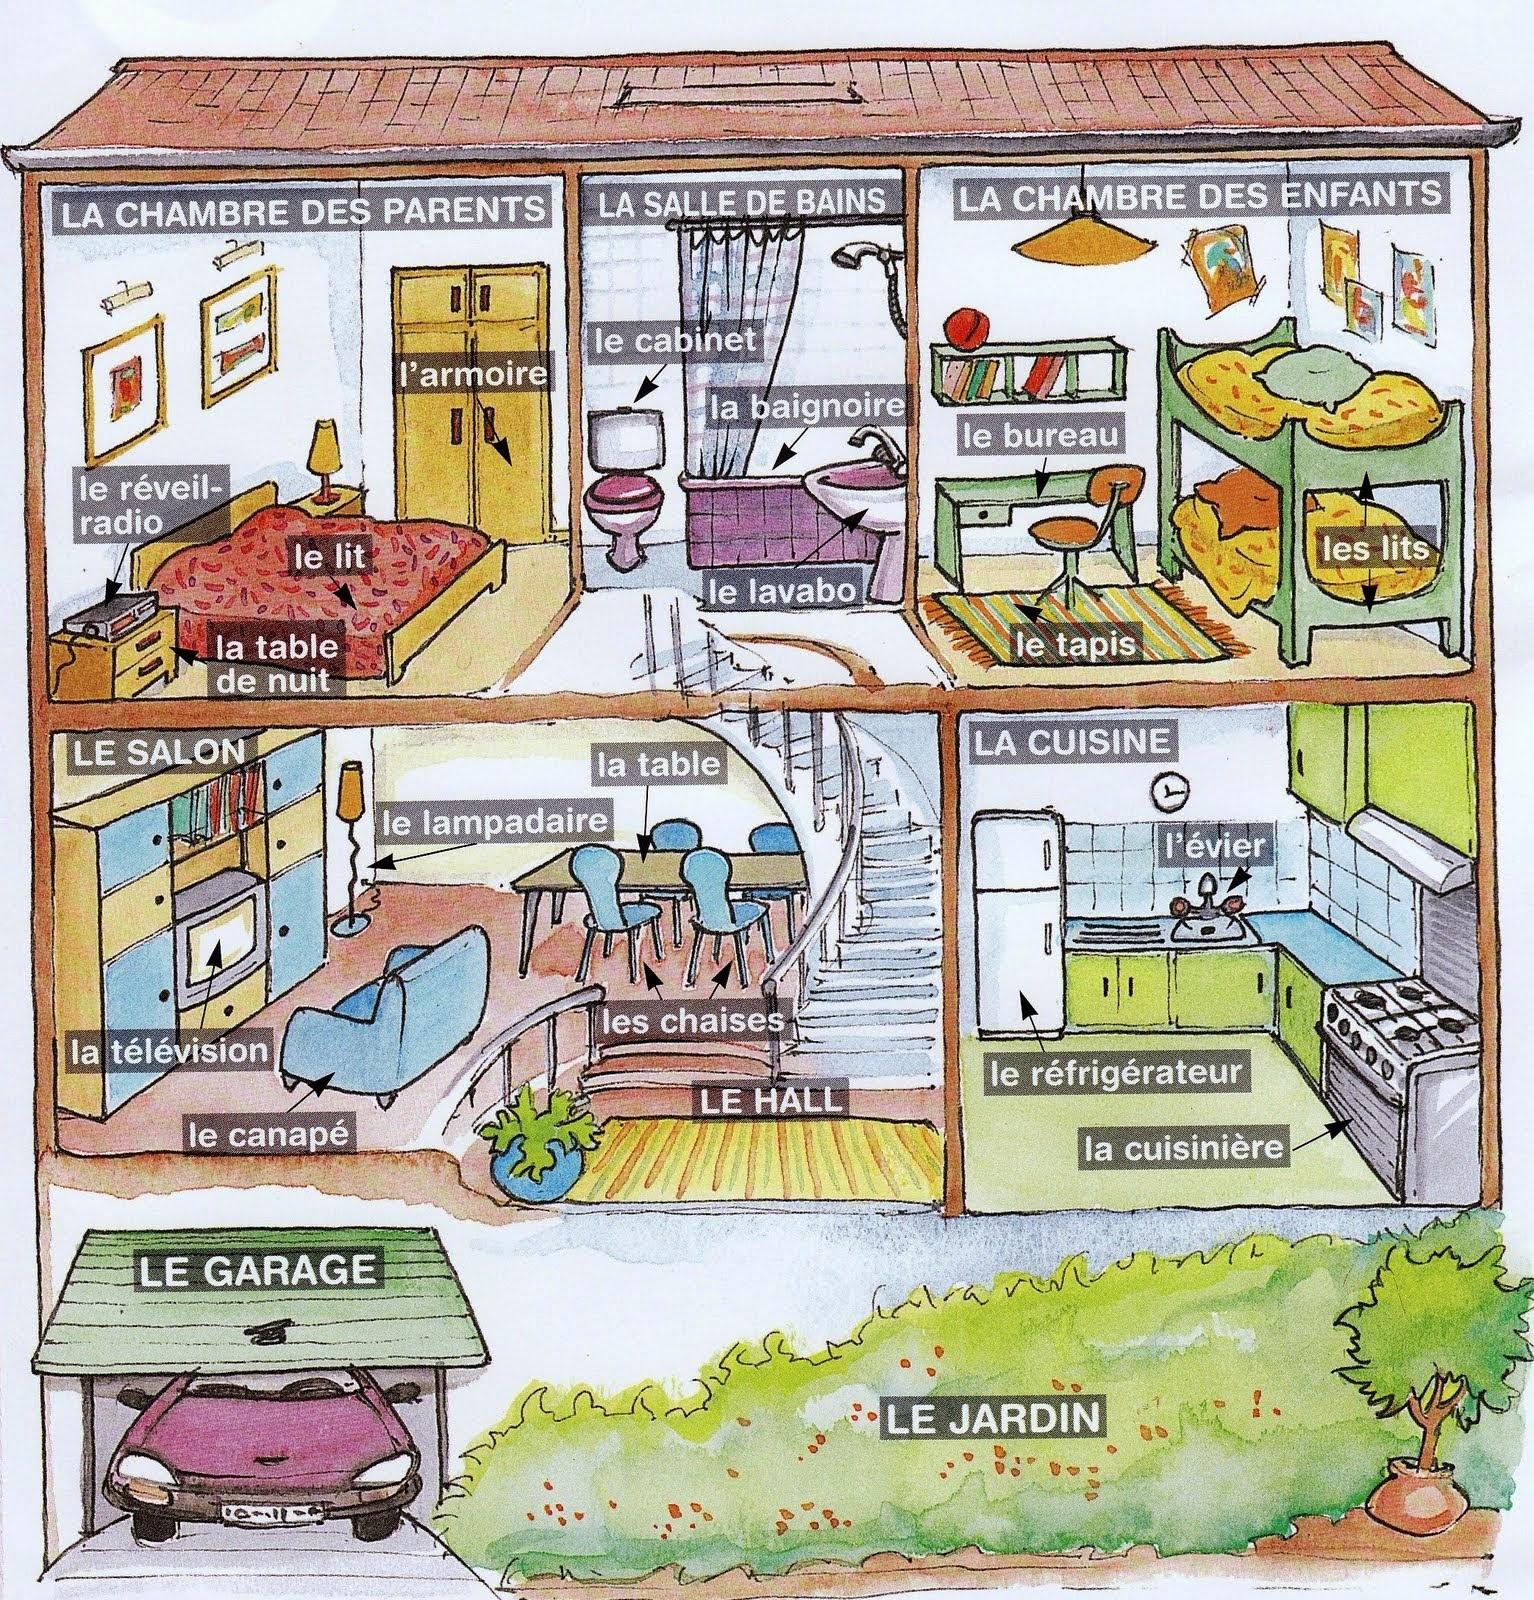 Descrivere Una Stanza Da Letto In Inglese.Ripasso Facile Descrivere La Casa In Francese